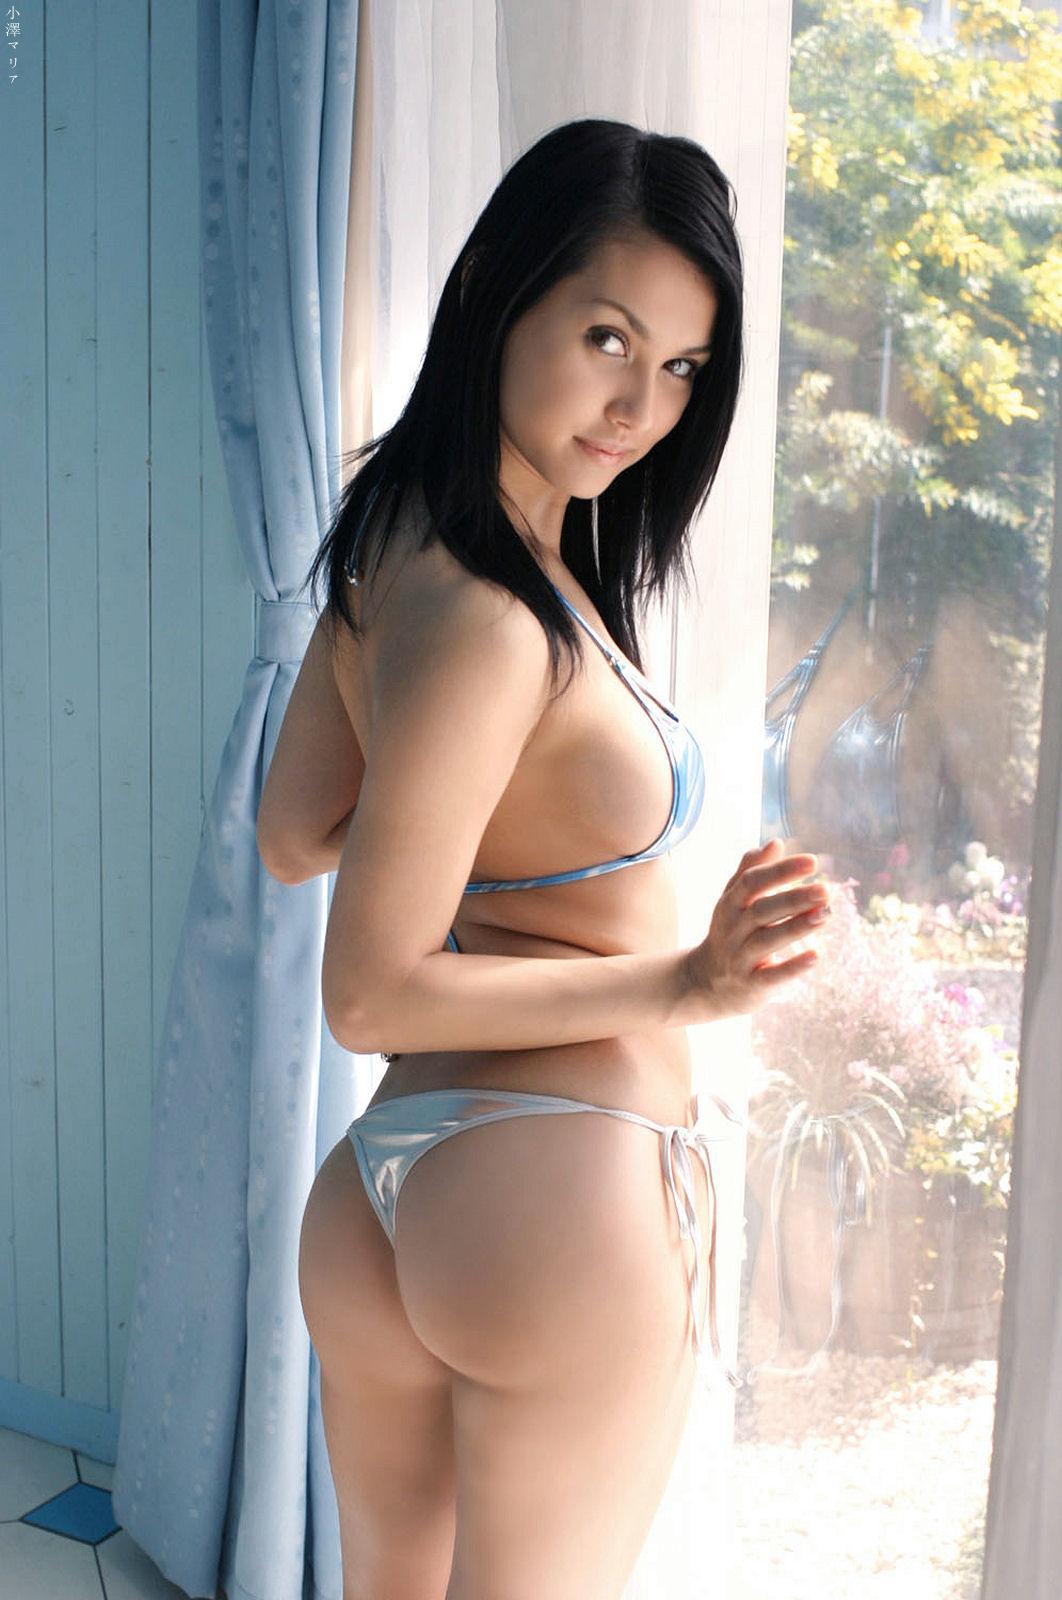 Рорно молоденькими японками 17 фотография